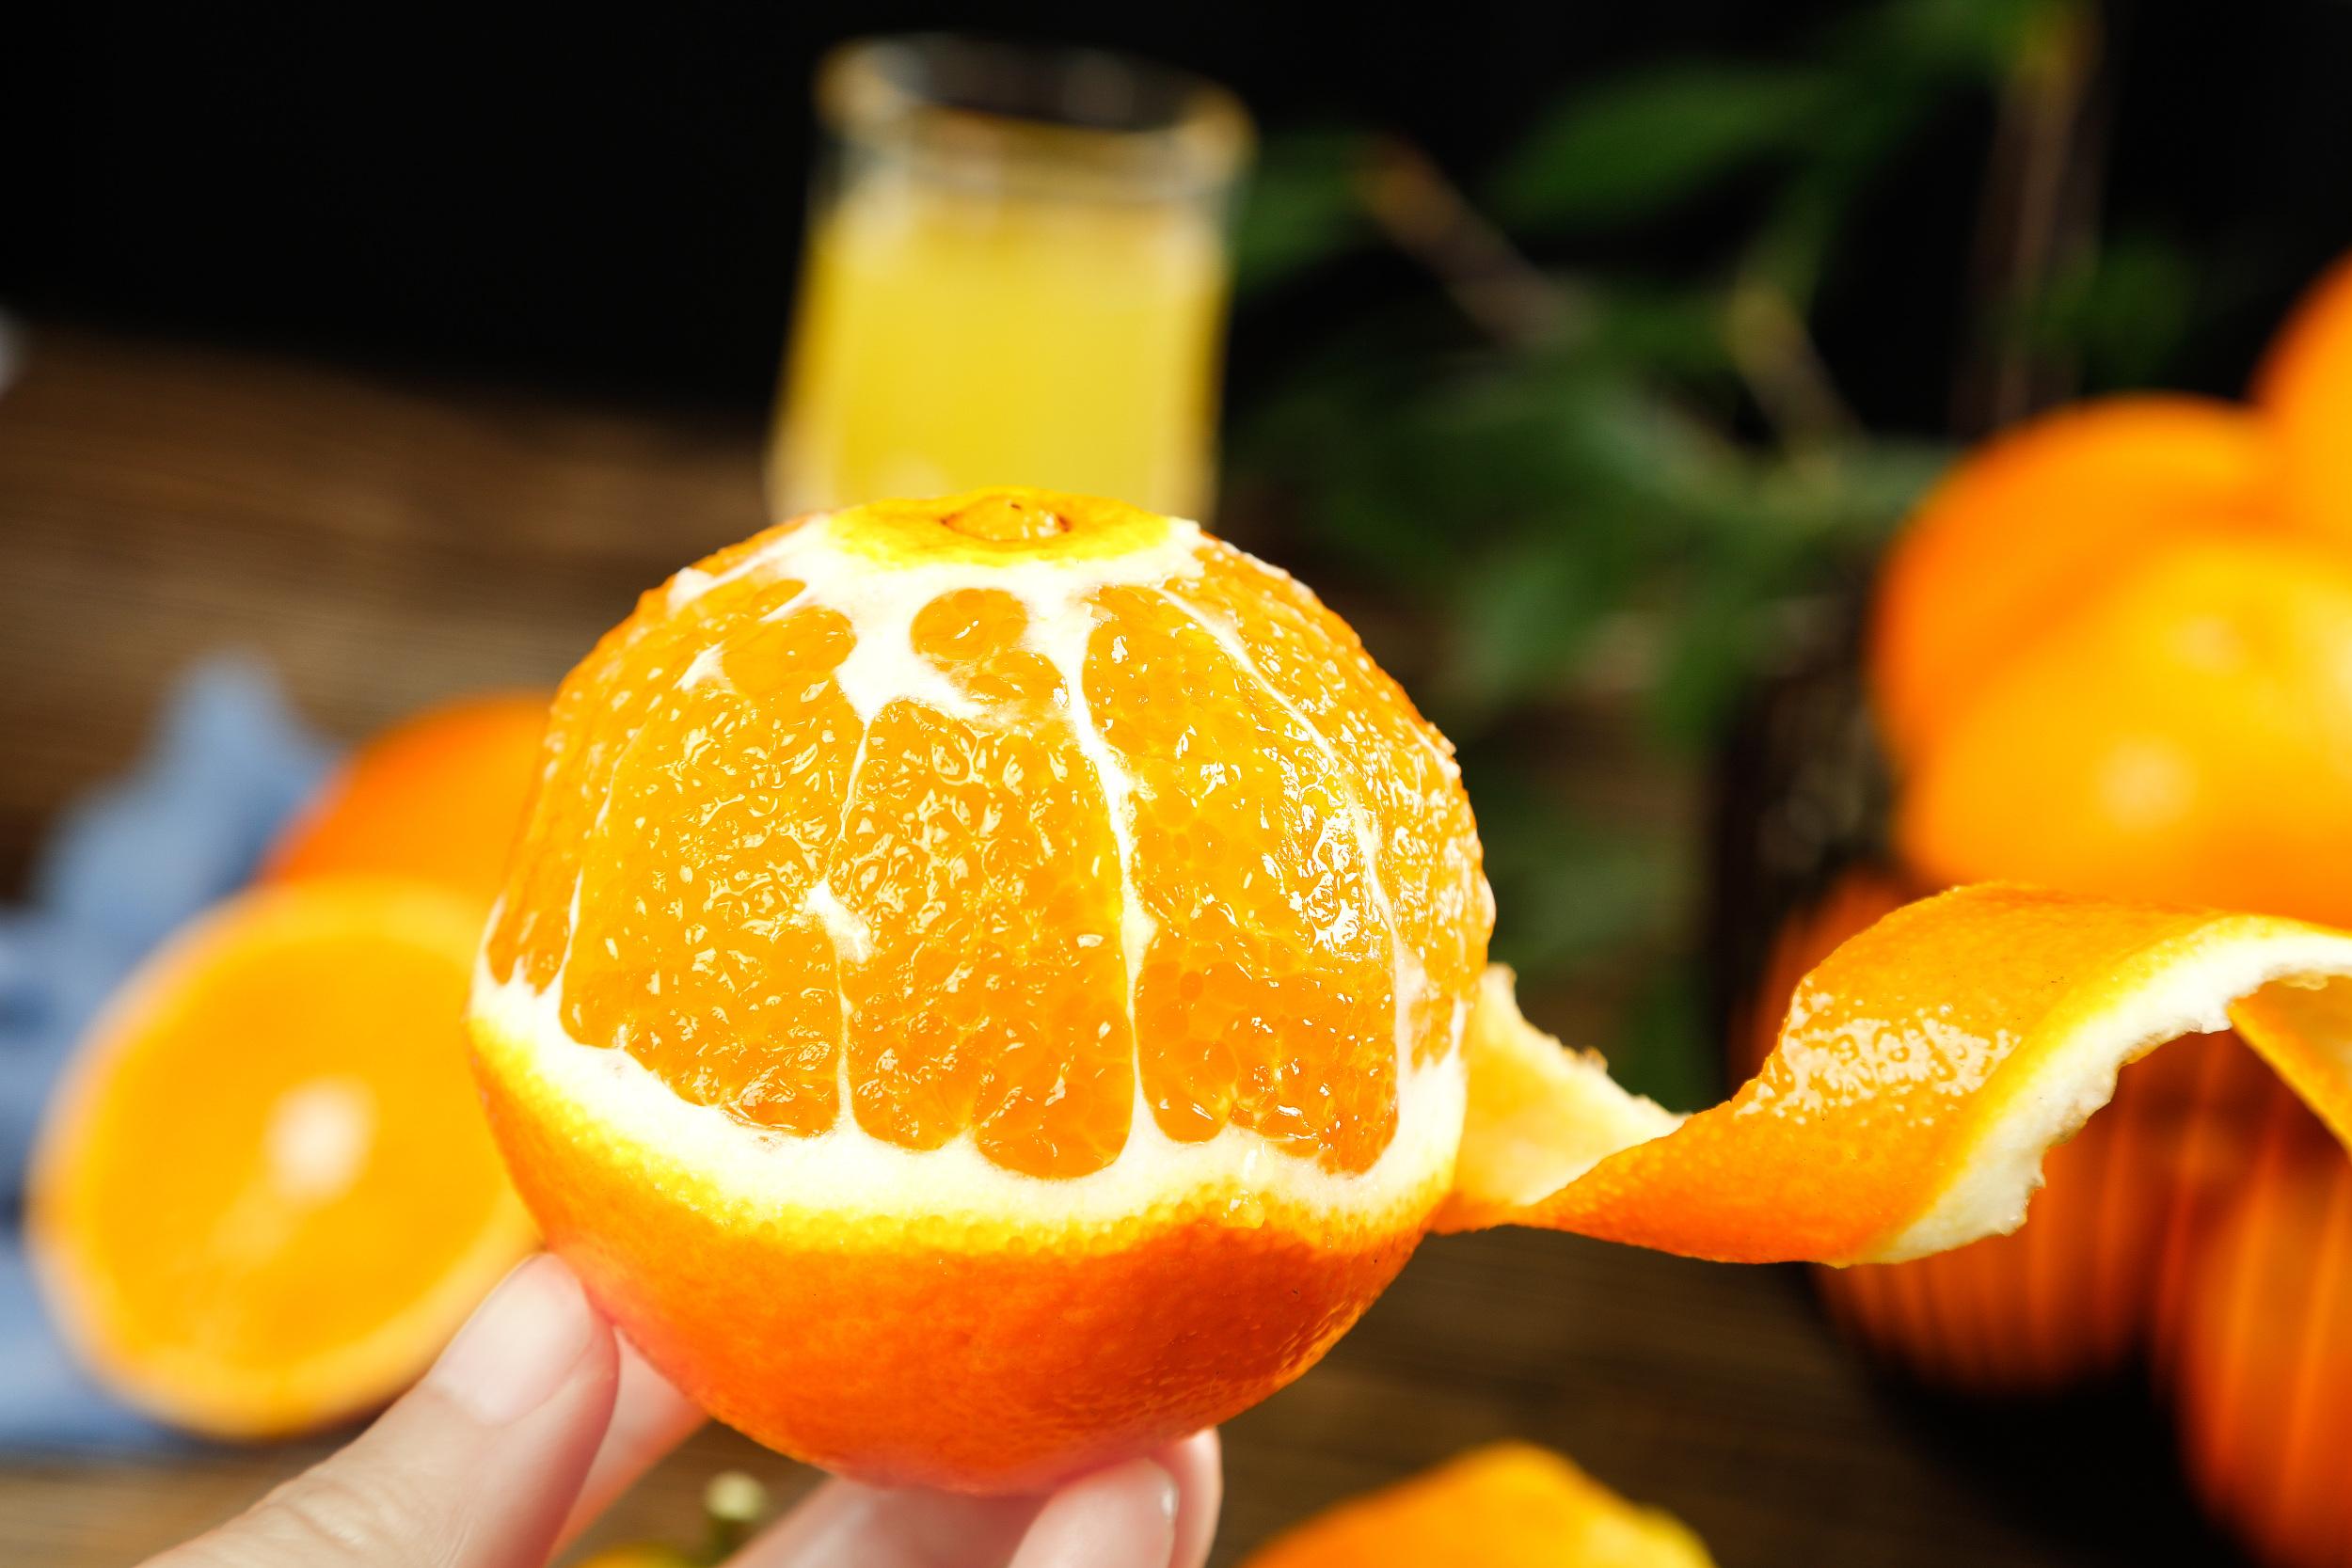 橙皮别扔 加点酒教你DIY健胃糖浆